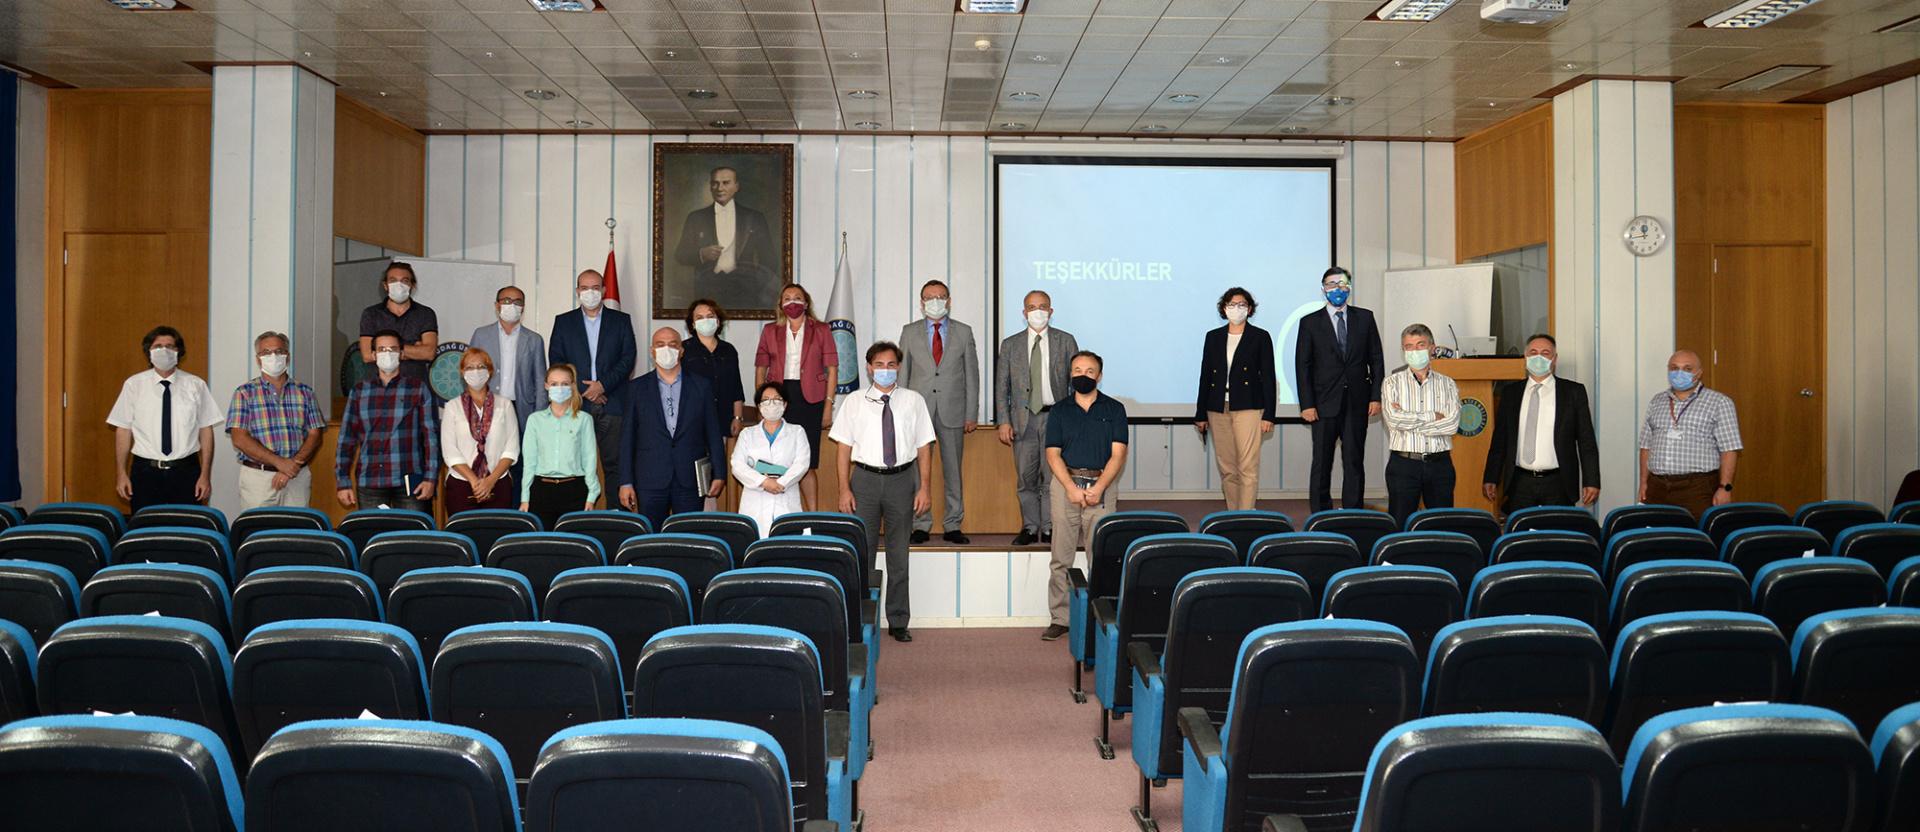 Sağlık-Sanayi İşbirliği Platformu, Oya Coşkunöz Aktaş'ı ağırladı